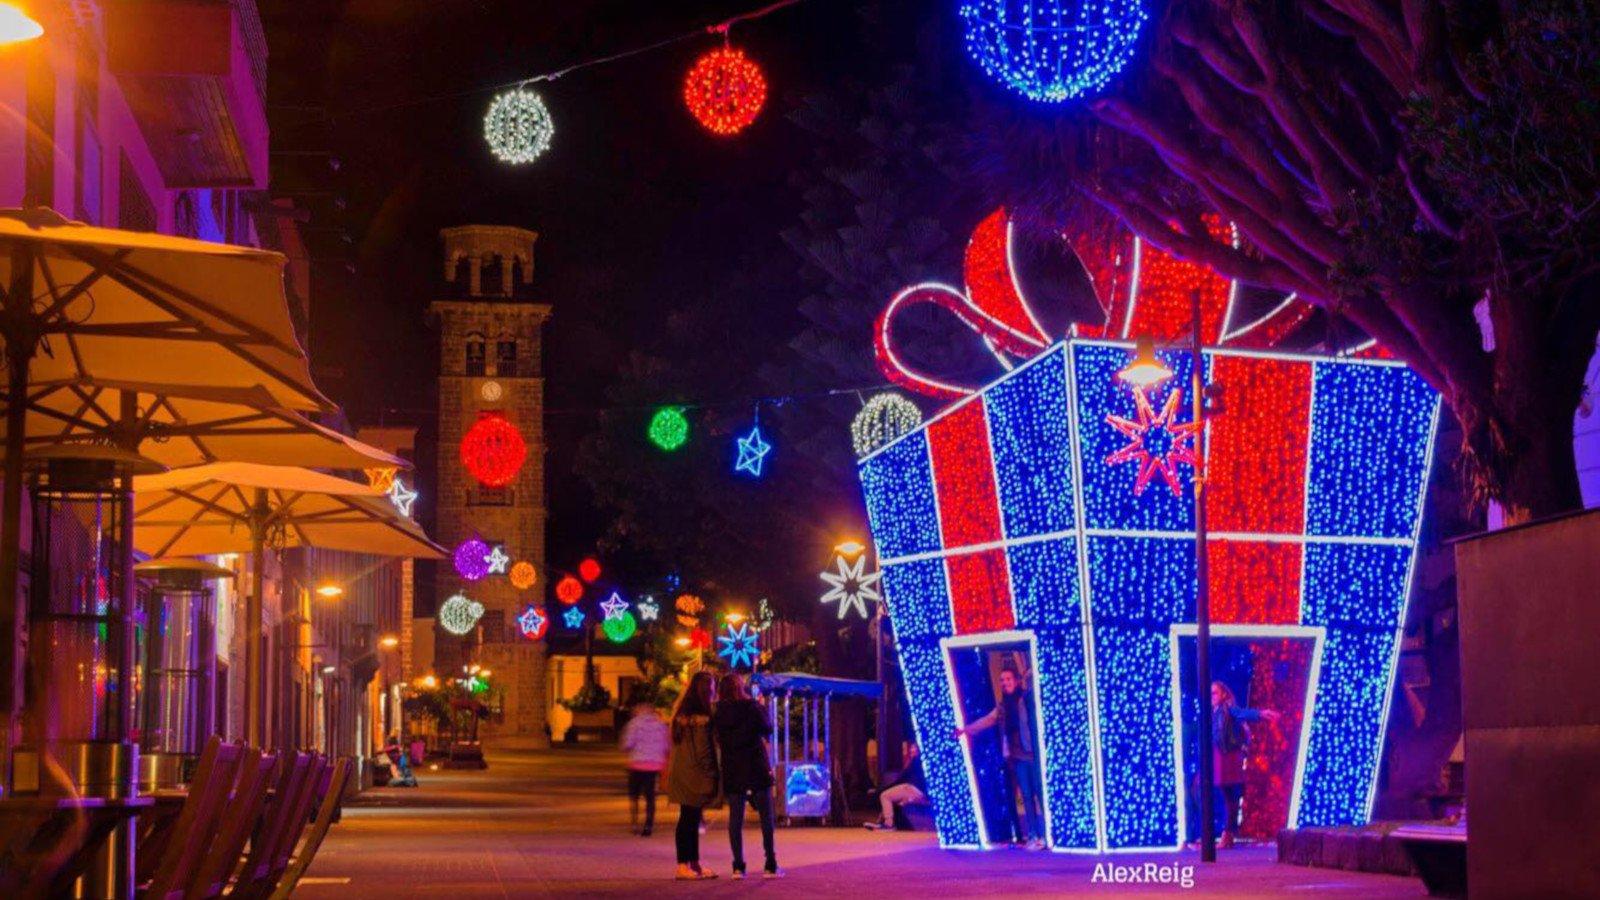 Iluminación ornamental y de fiestas